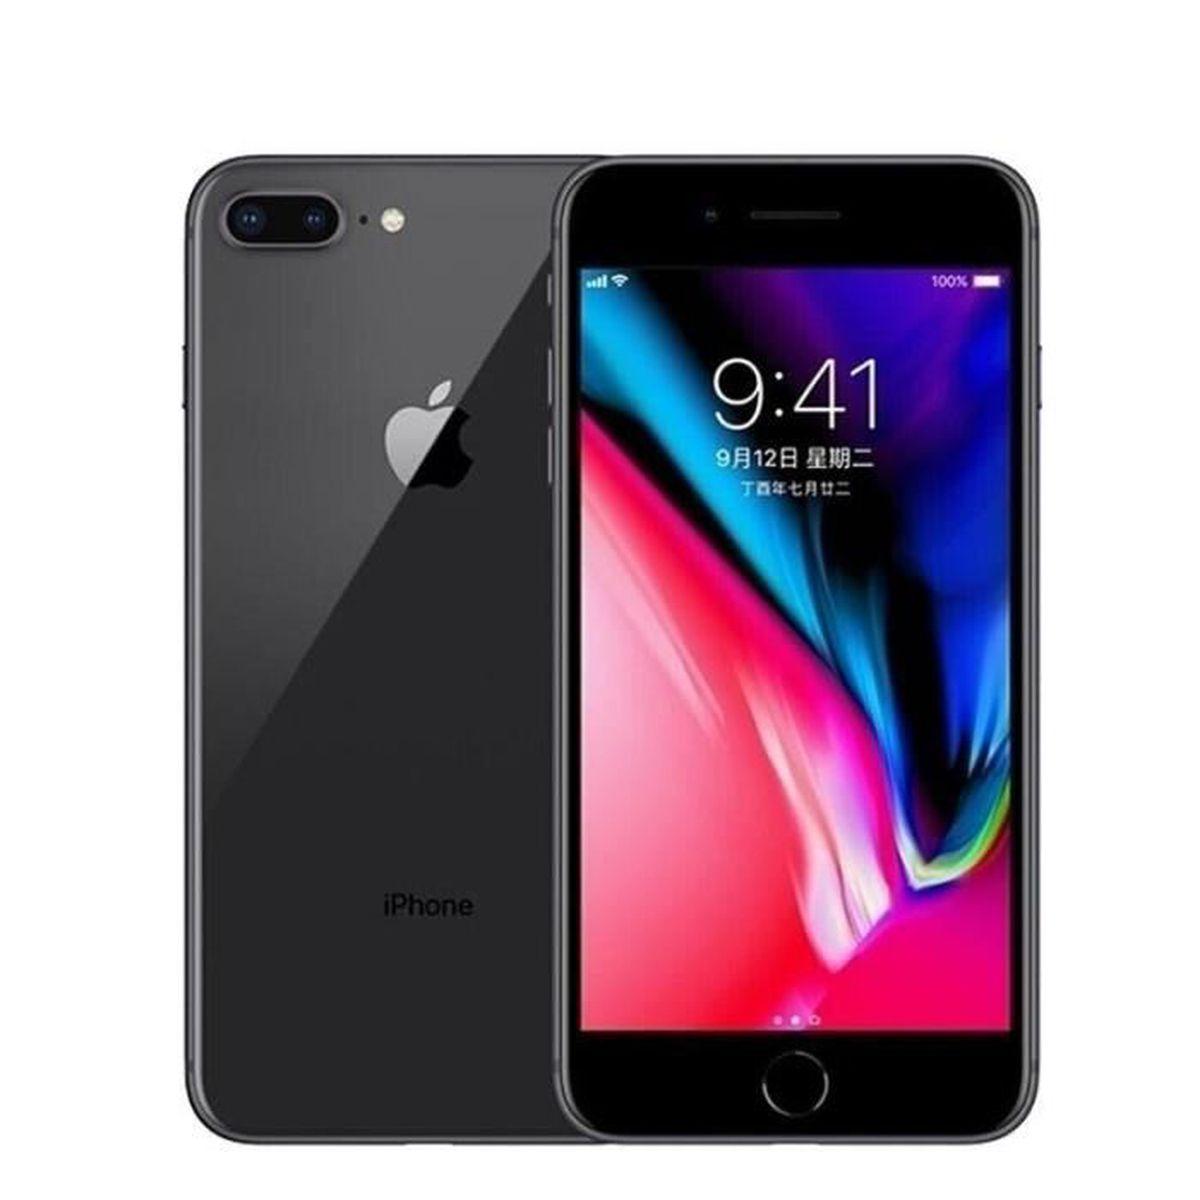 04587b0bd9eef7 IPhone 8 plus 64GO noir mat débloqué Grade A+++ remise à neuf ...